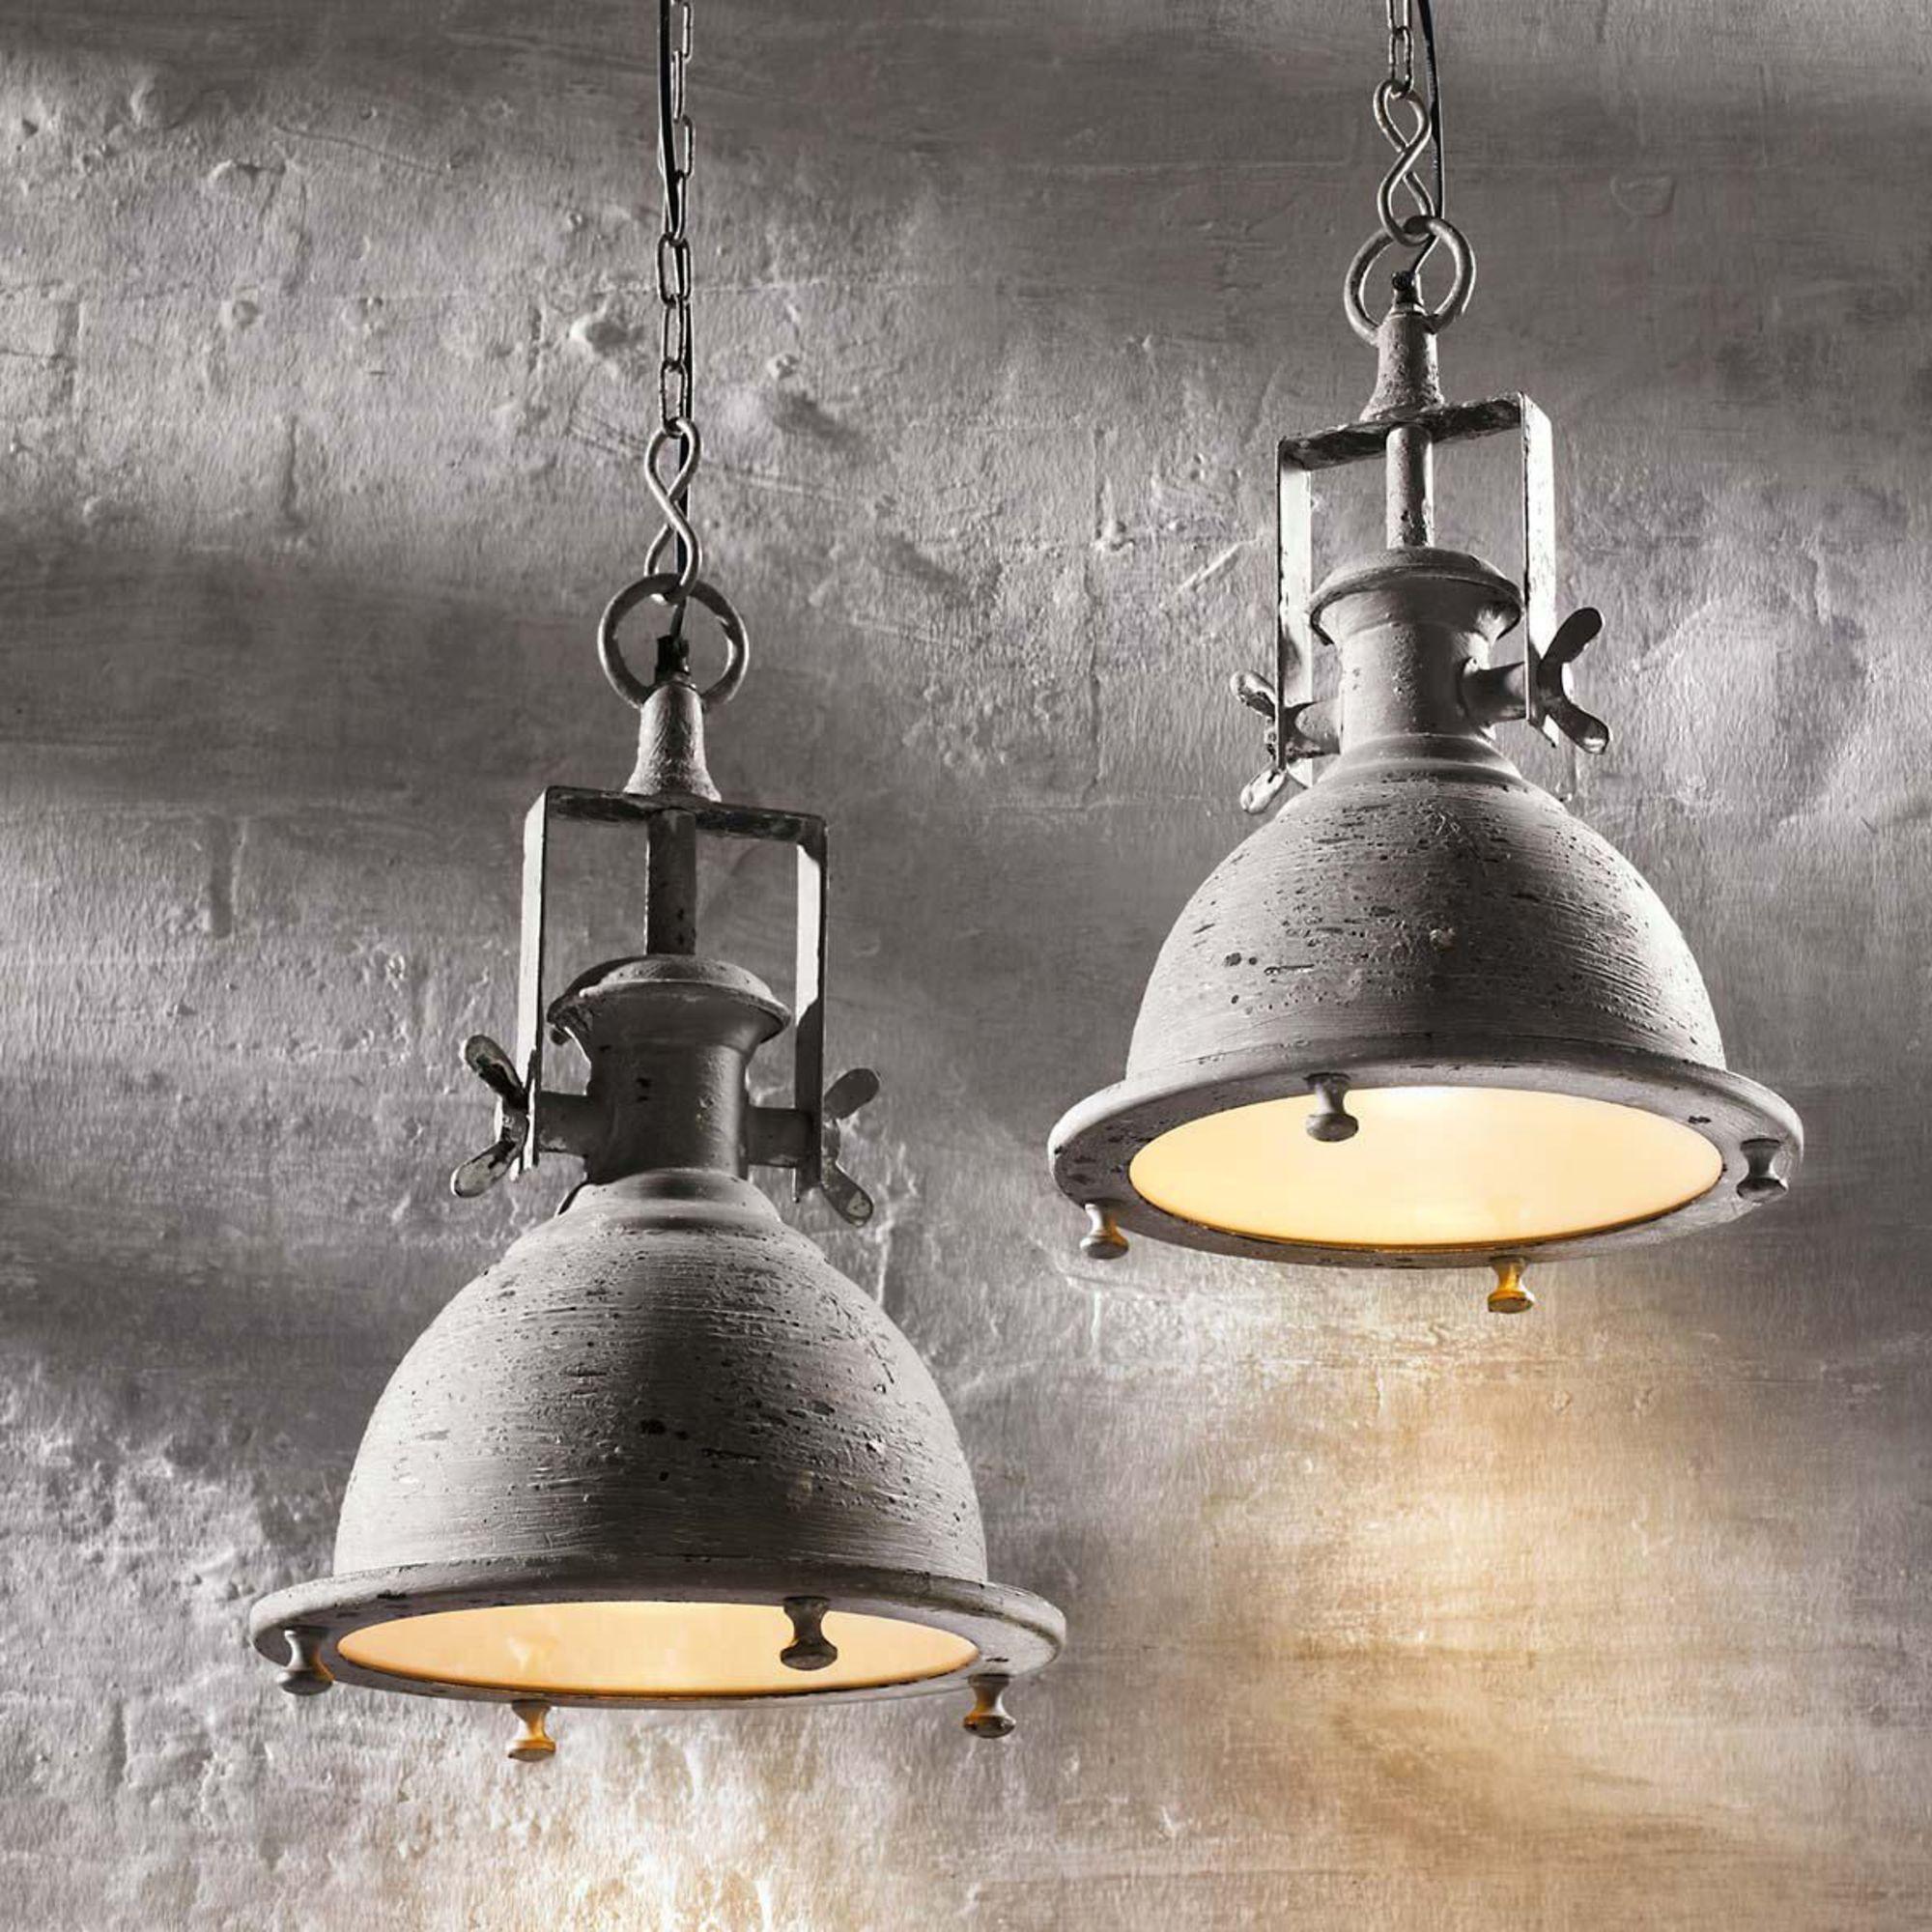 Deckenleuchte Rustikal Deckenlampe Hngelampe Hngeleuchte